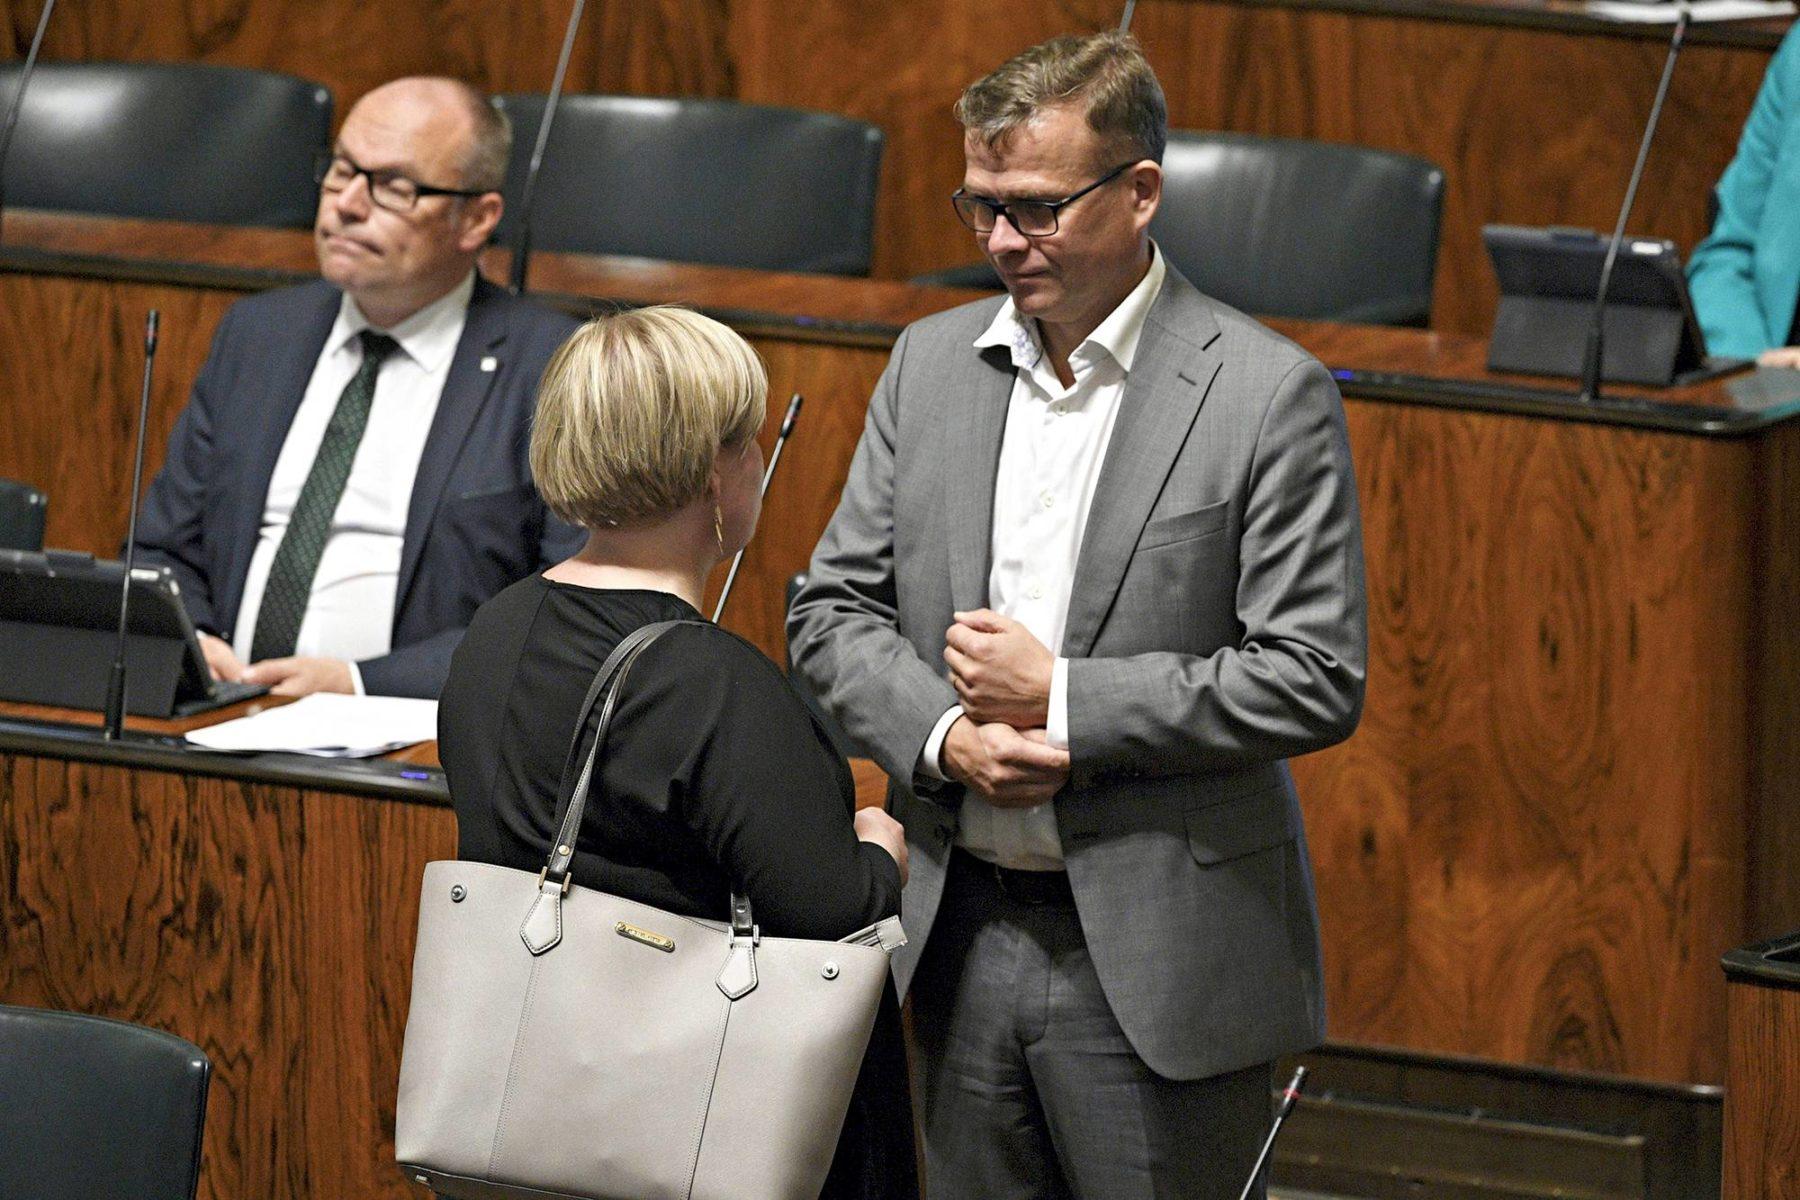 Keskustan uusi puheenjohtaja Annika Saarikko ja kokoomuksen puheenjohtaja Petteri Orpo kohtasivat eduskunnassa 8. syyskuuta. Taustalla istui kansanedustaja Mikko Kinnunen (kesk).